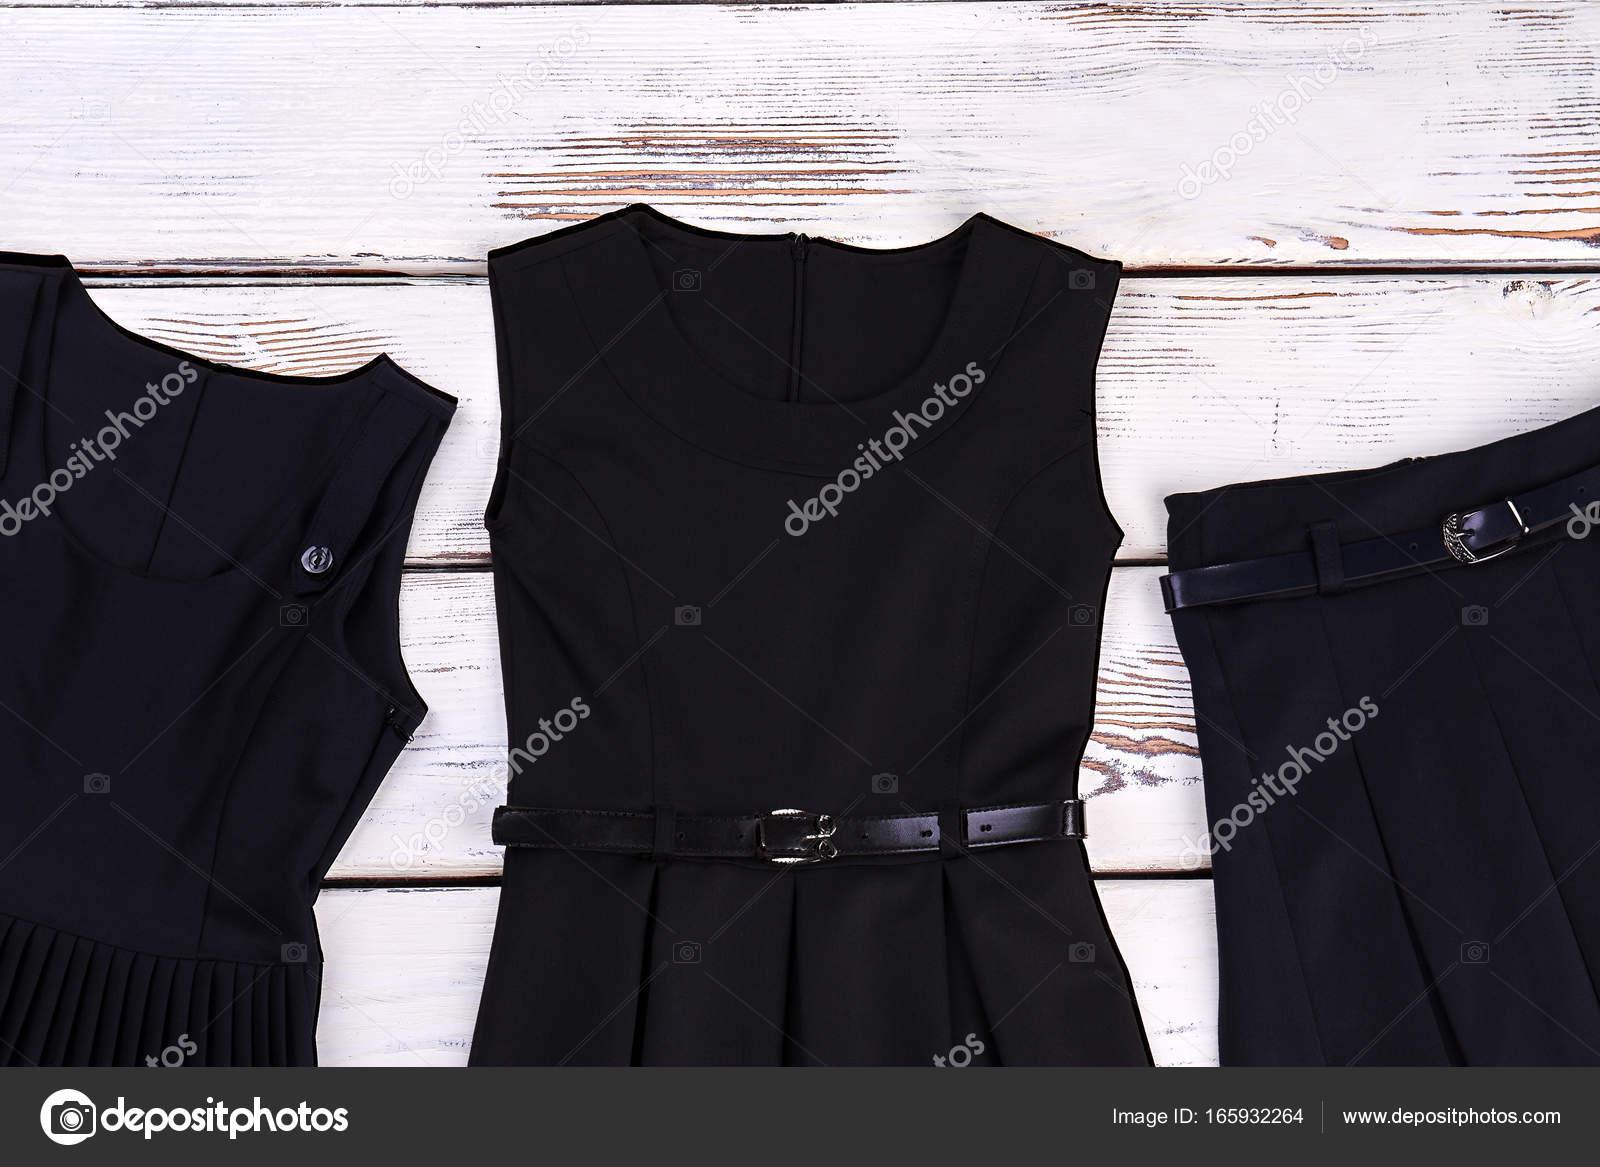 0a86a86d4 Conjunto de ropa negra para niñas de la escuela. Clásico negro y vestidos  con cinturón de falda plisada para uso en la escuela. Ropa clásica de la  escuela ...